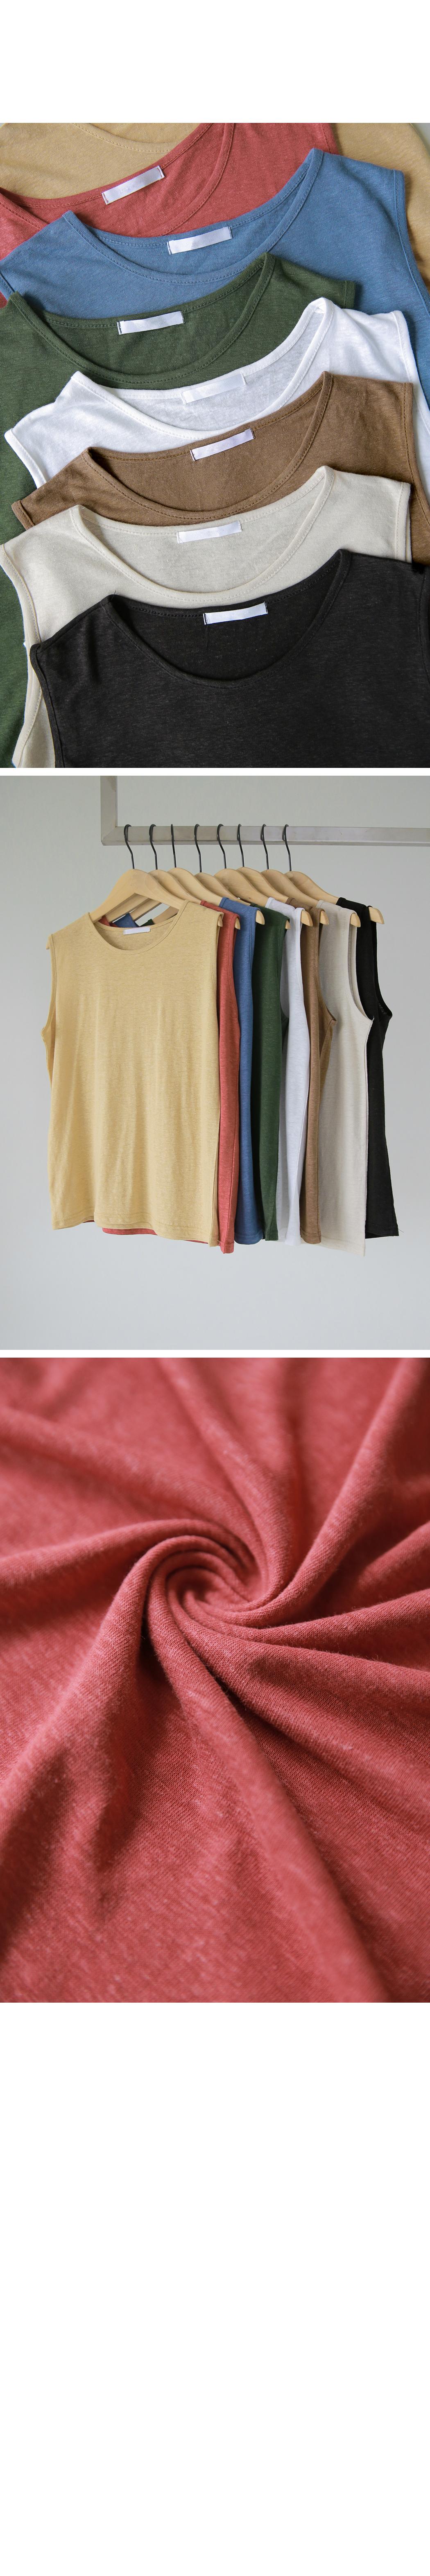 Linen Round Necklace